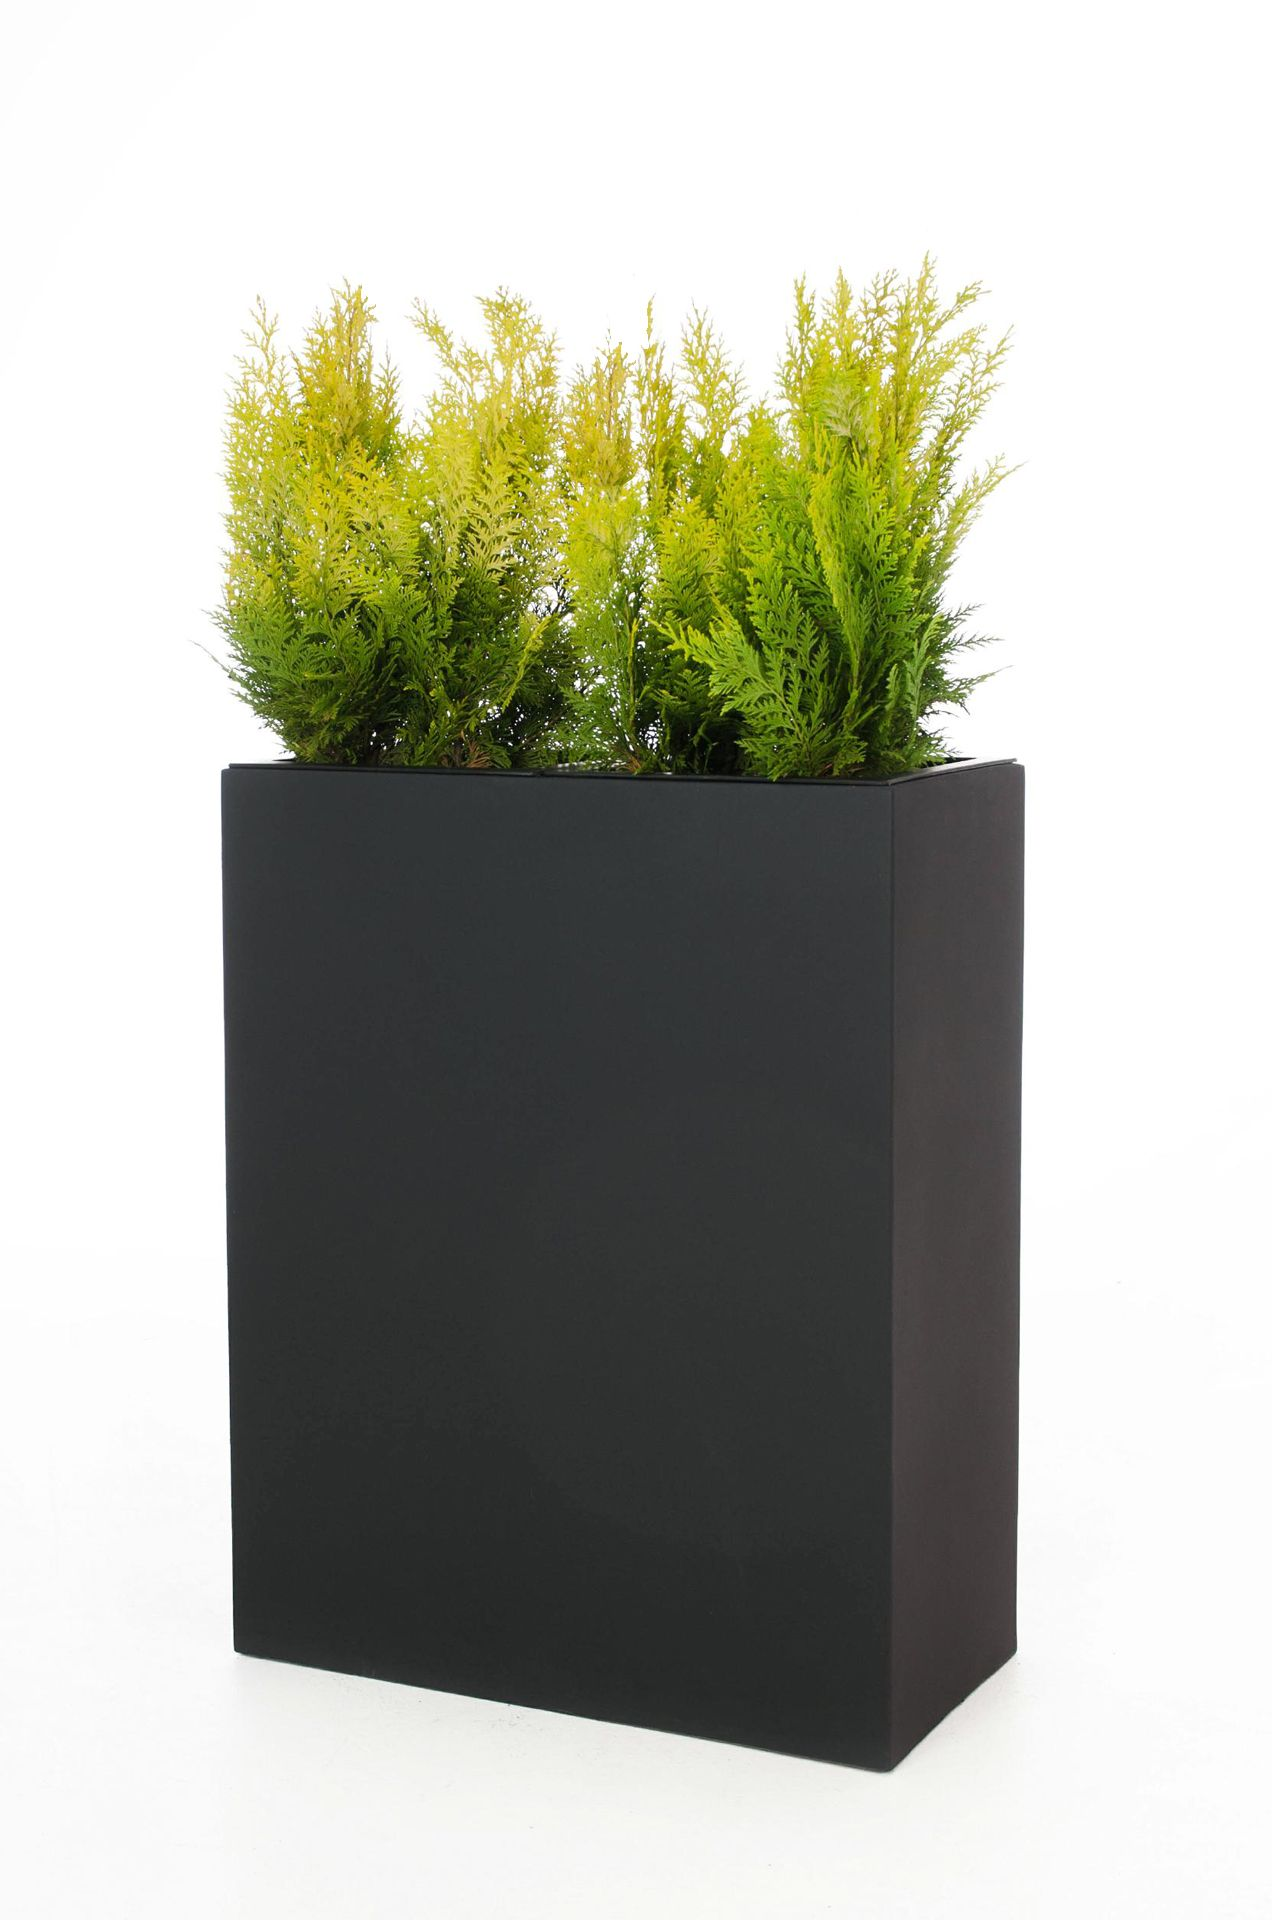 Pflanzkübel Raumteiler aus Fiberglas \